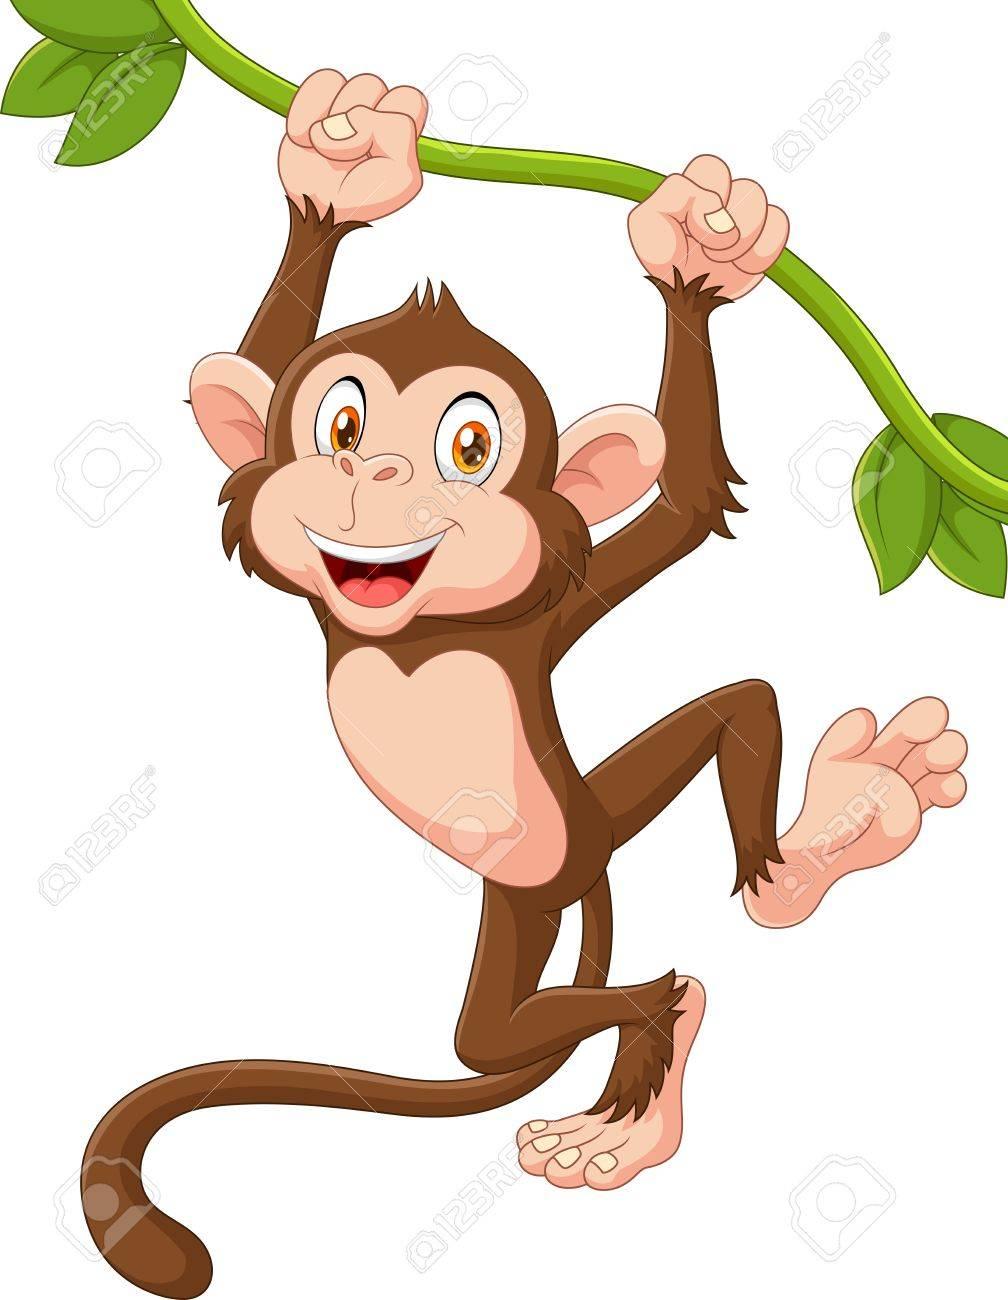 ツルにぶら下がっているかわいい猿の動物のベクトル イラストのイラスト